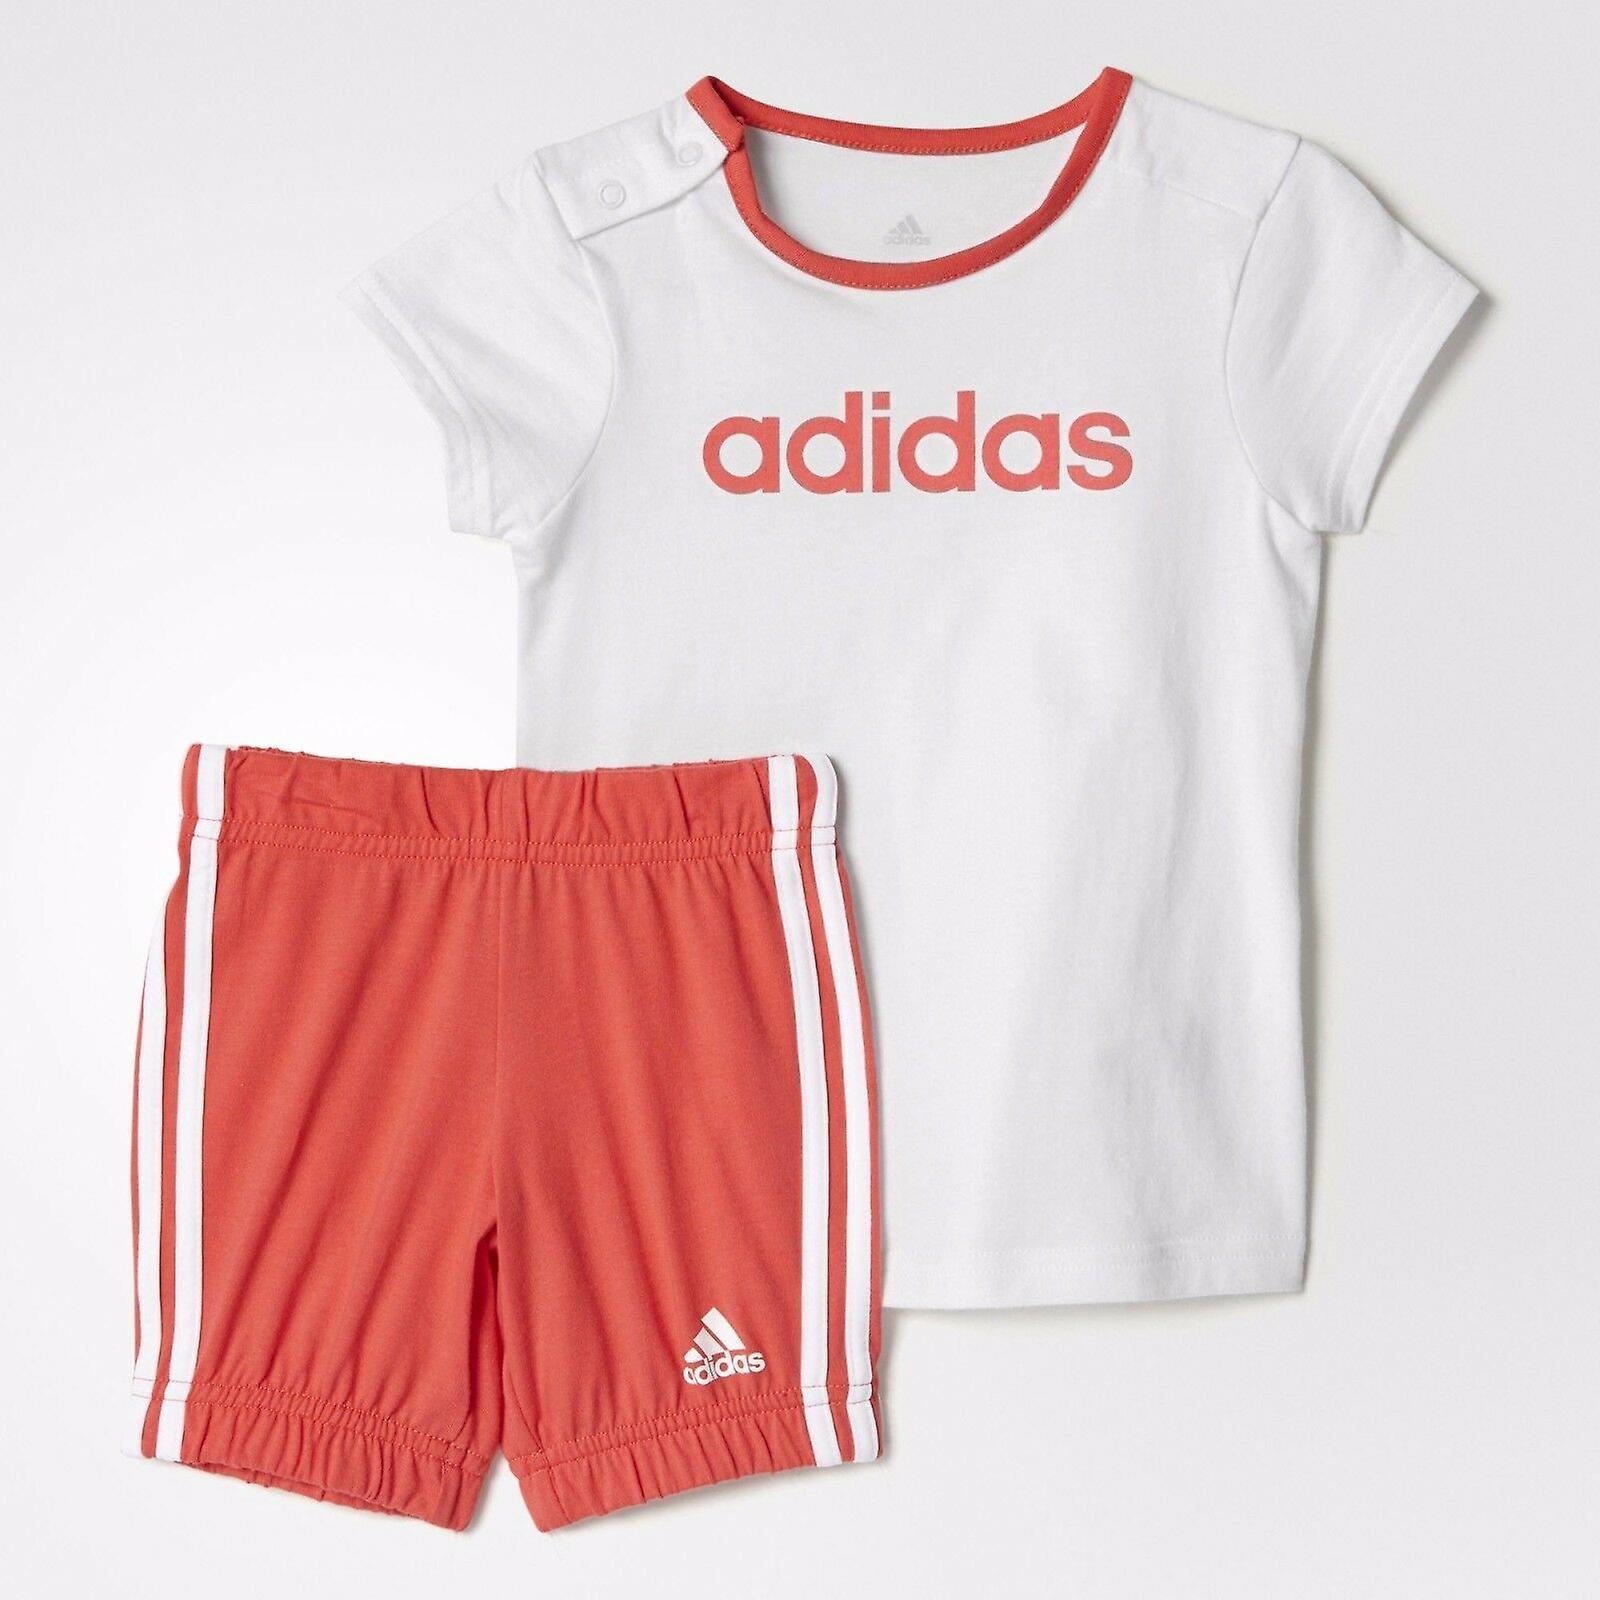 adidas shorts baby